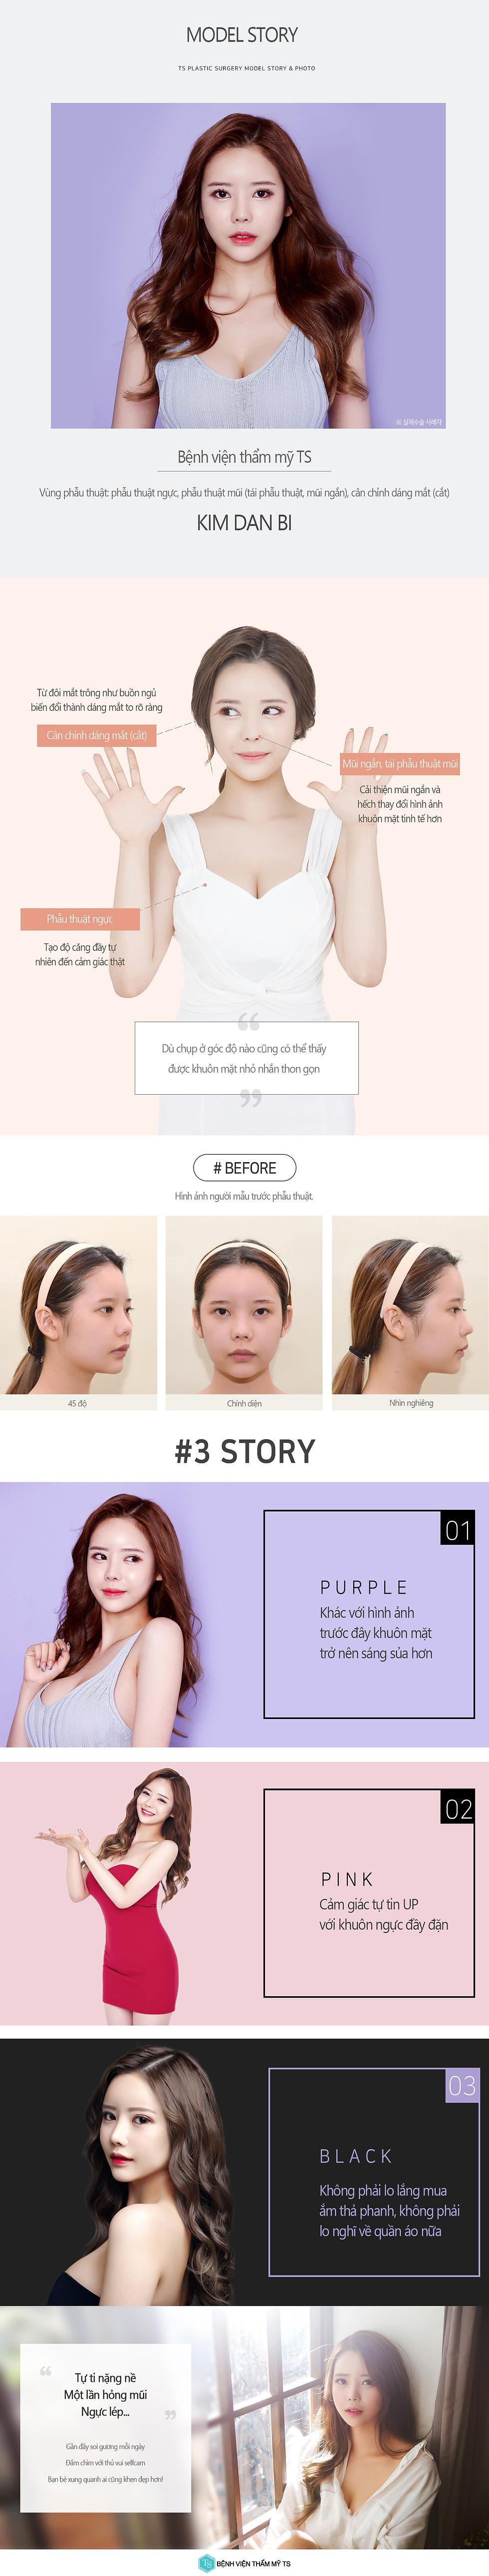 모델김단비 베트남.jpg